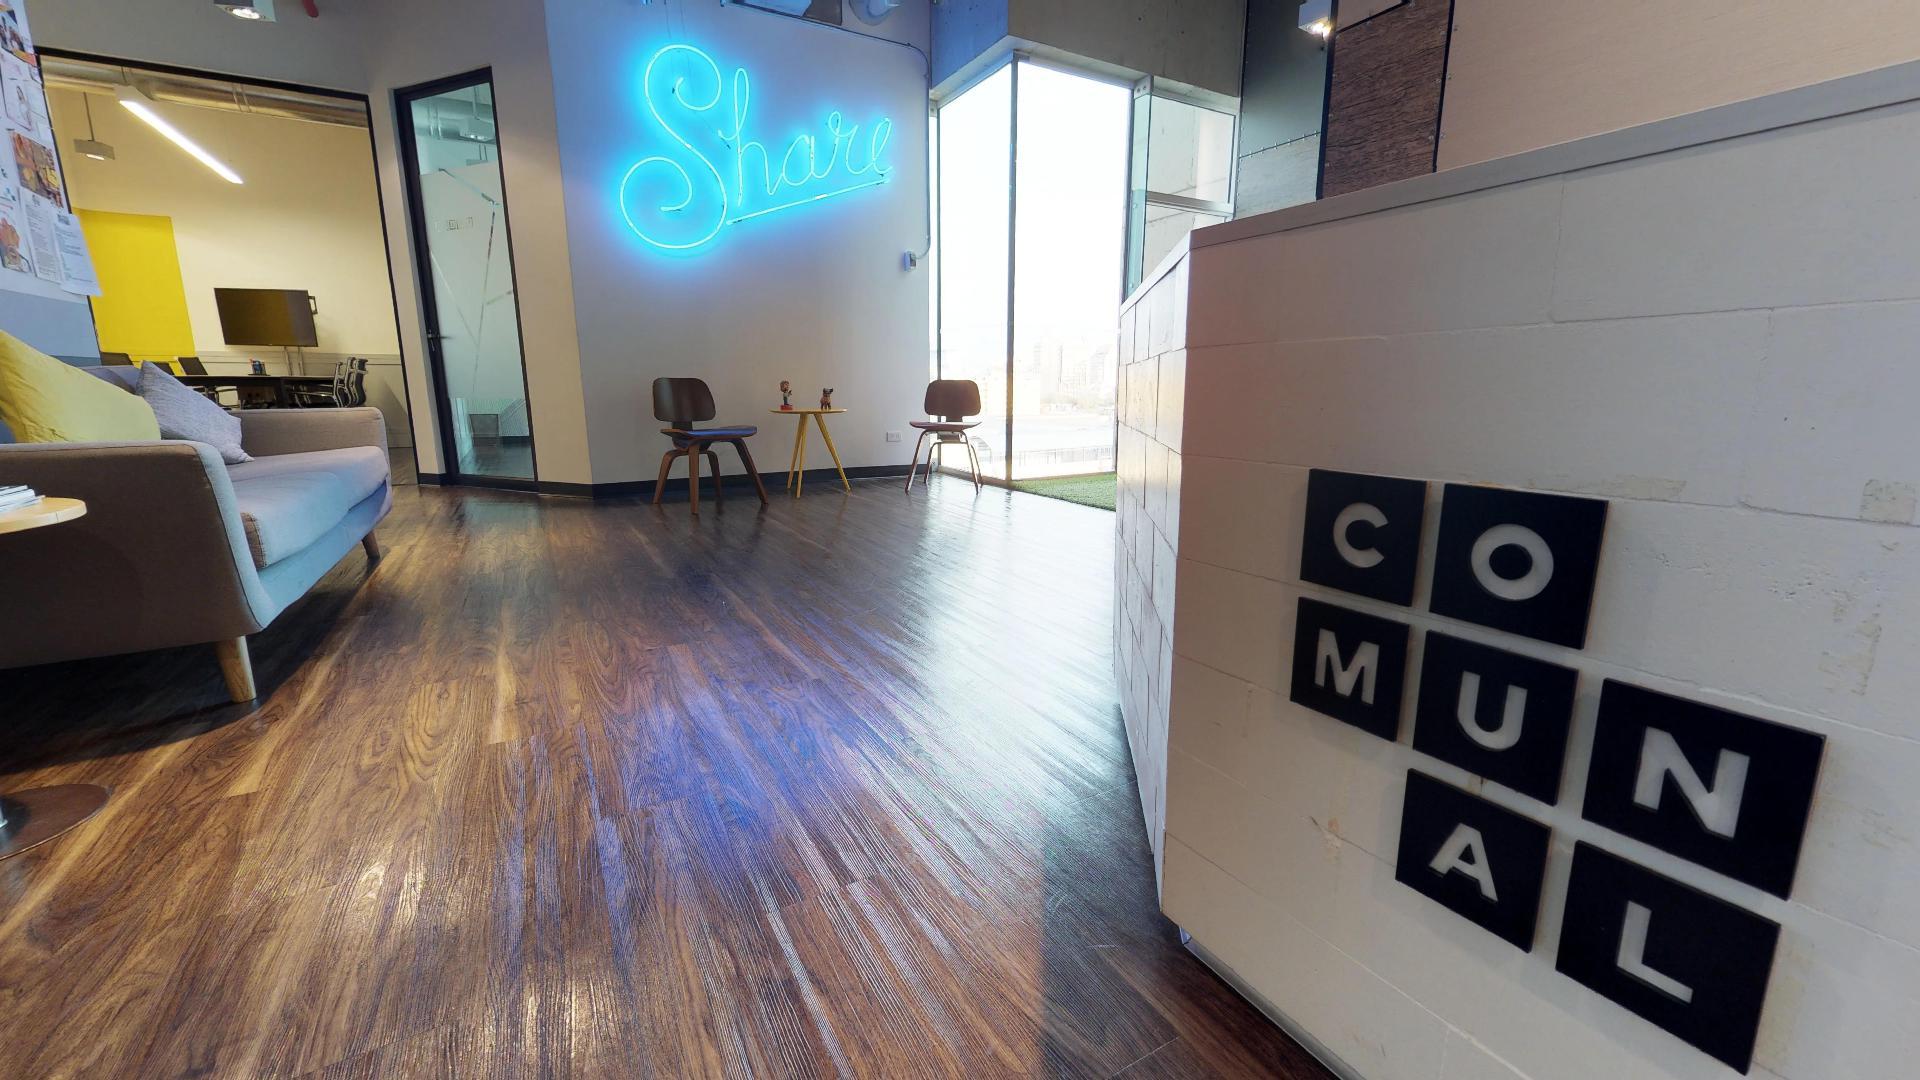 Comunal Coworking ofrece oficinas 100% implementadas + todos los servicios relacionados por un único pago mensual. Sin importar el tamaño de tu equipo, Comunal es el lugar de trabajo para ti.